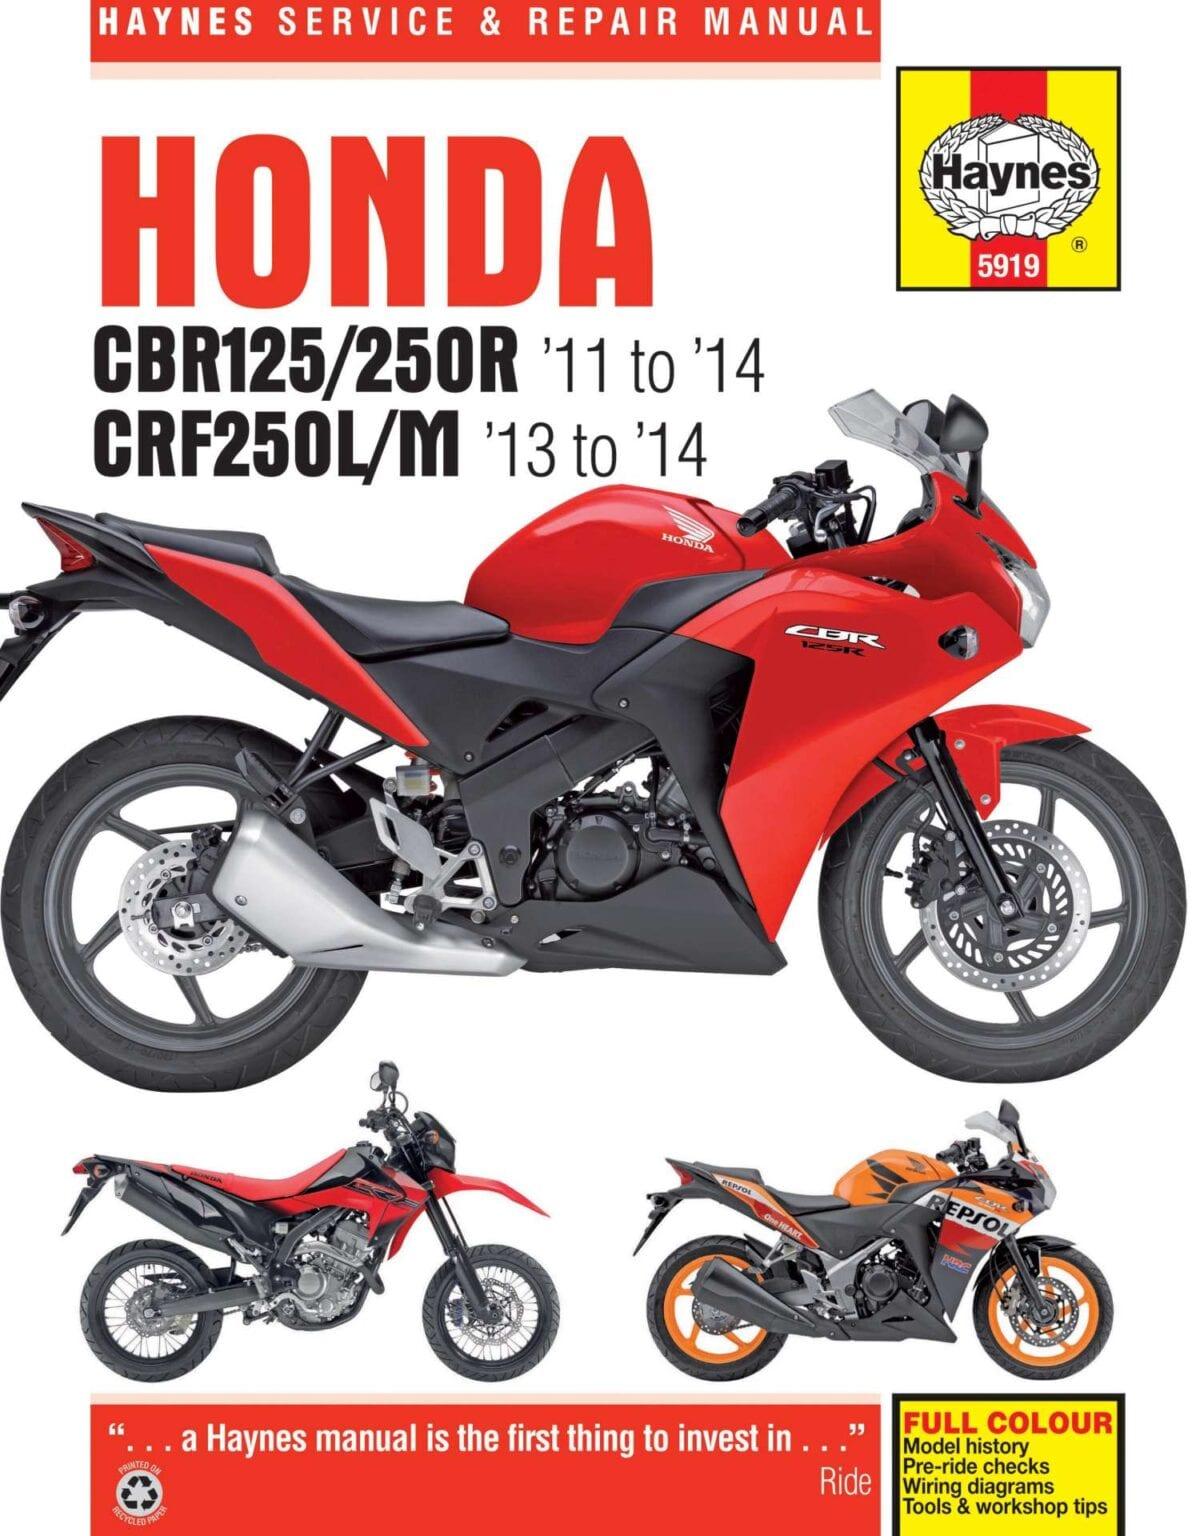 HondaCBR-and-CRF-haynes-manual